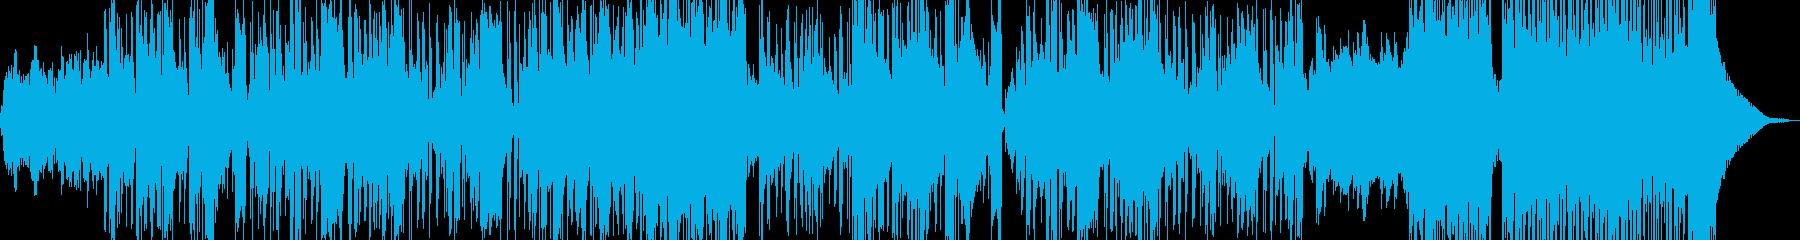 新鮮な空気感を演出・クールビート Bの再生済みの波形